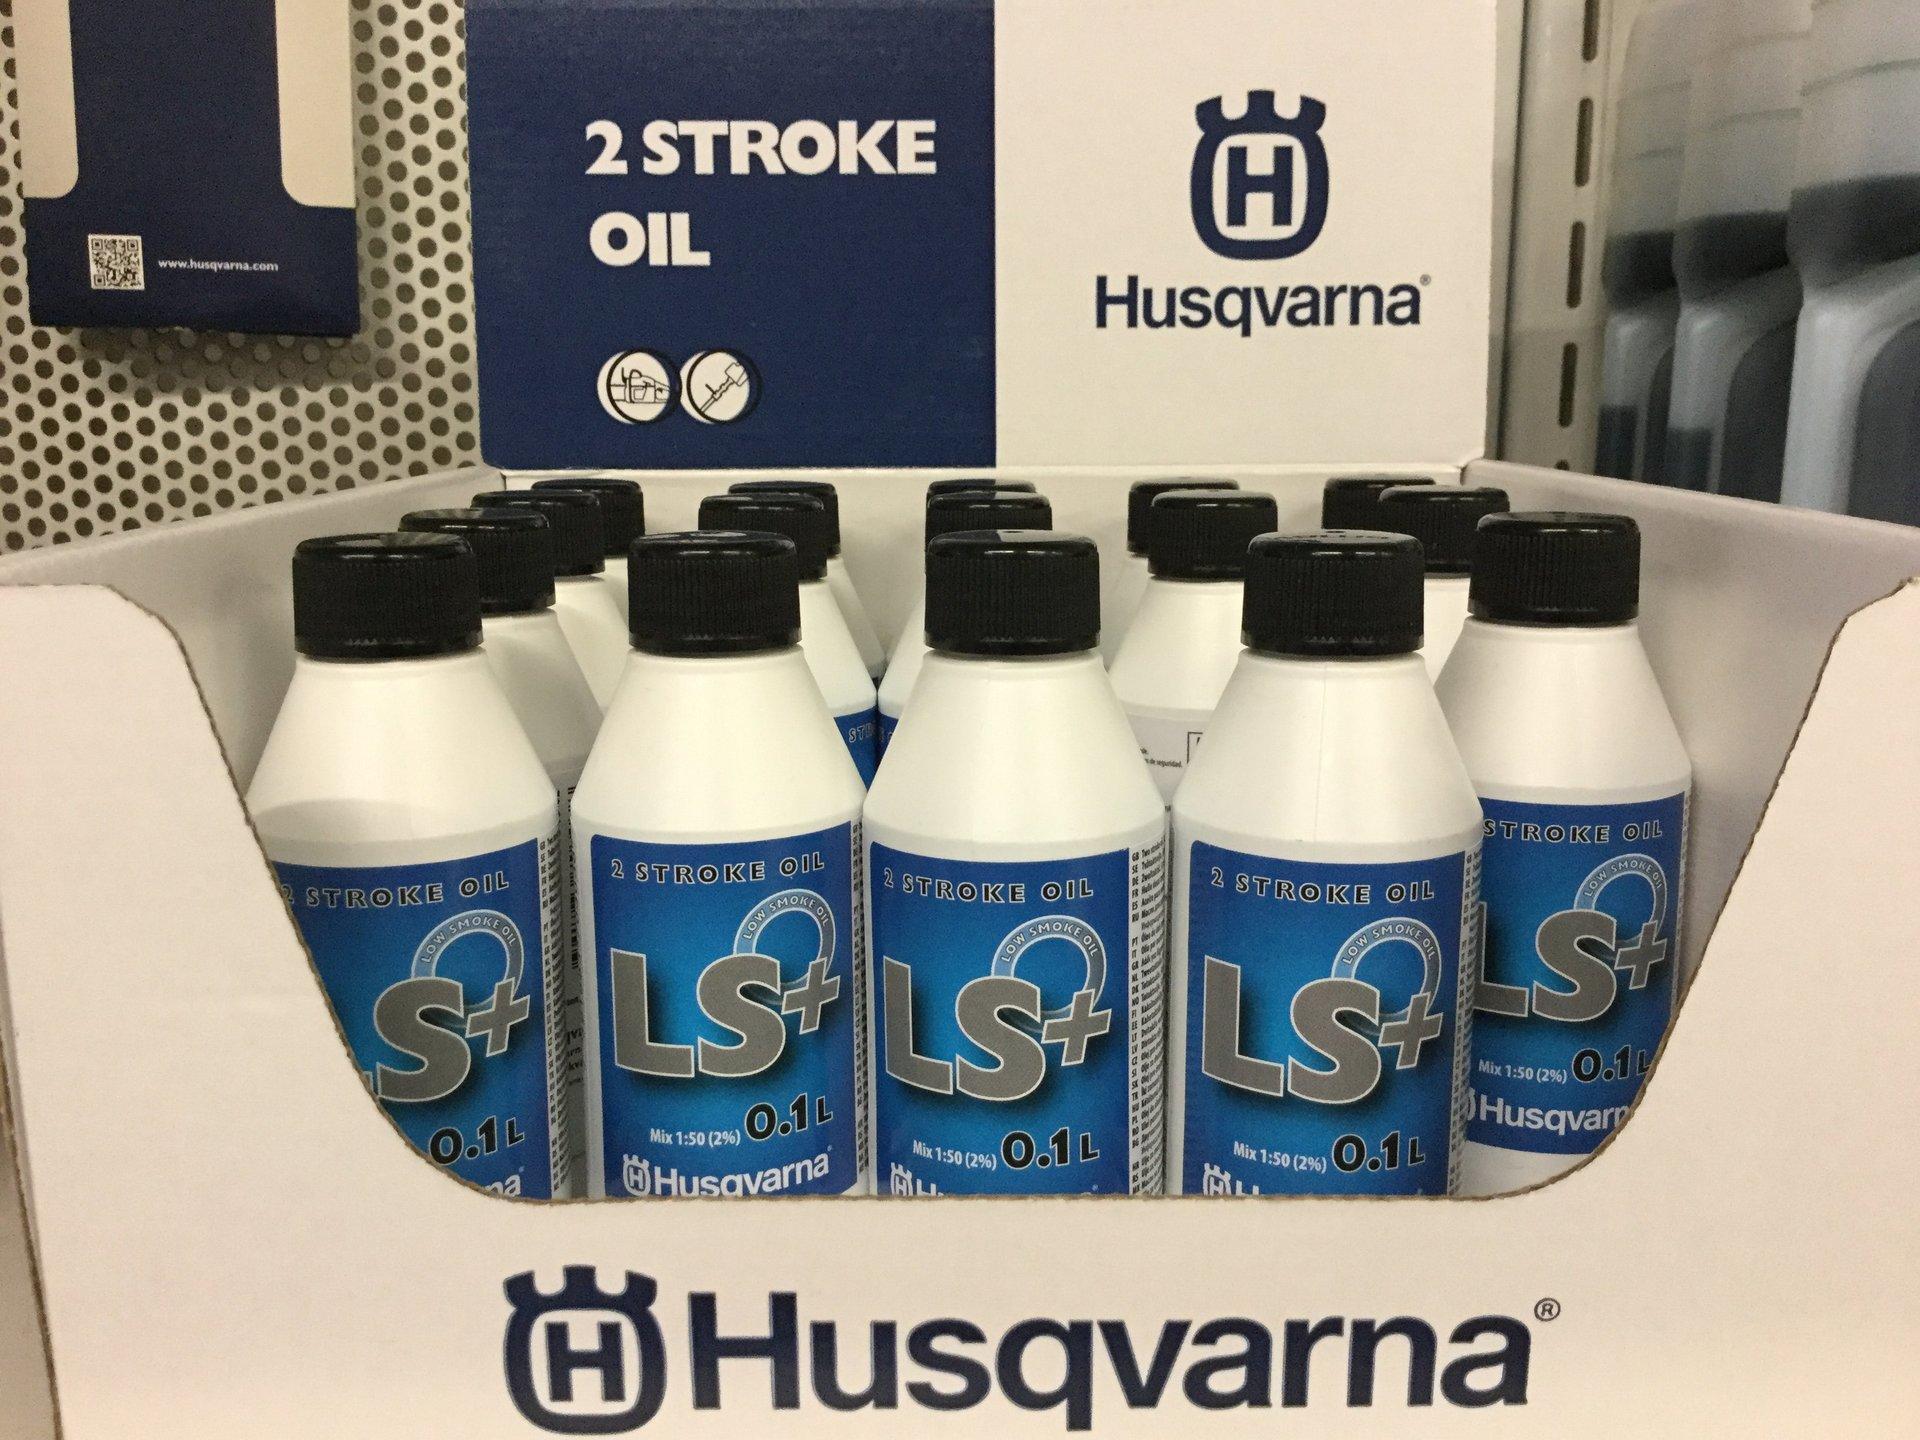 stroke oil husqvarna conegliano